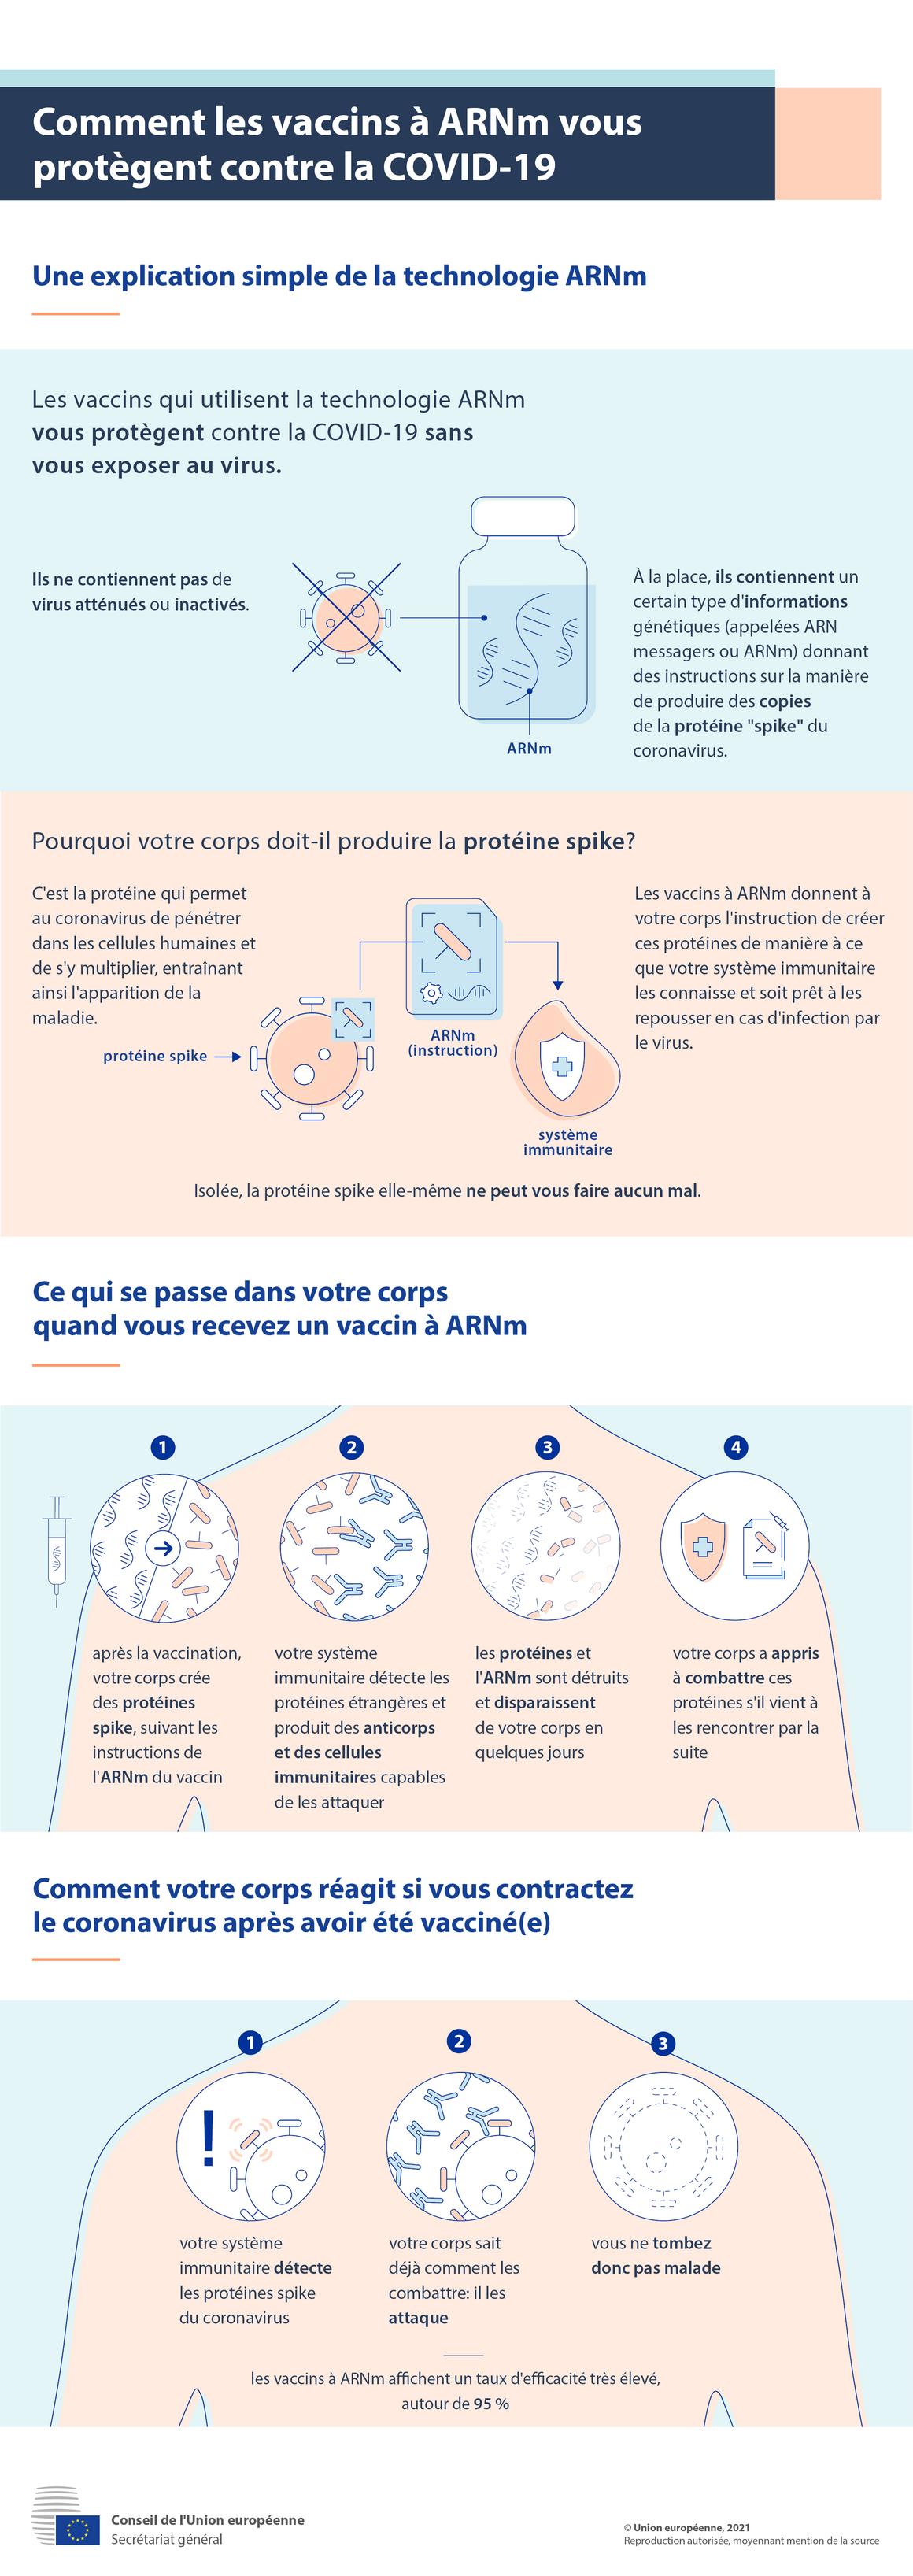 Infographie: Comment les vaccins à ARNm vous protègent contre la COVID-19